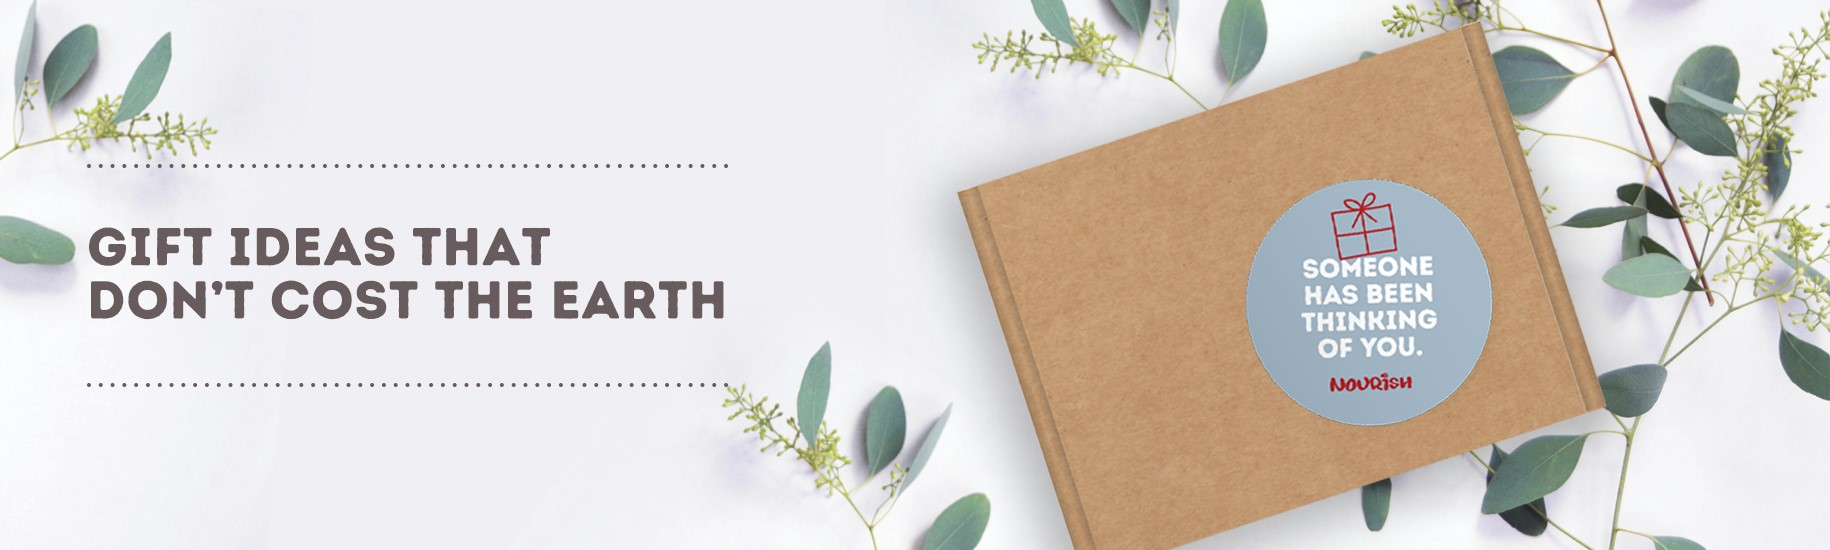 Nourish  Gifts